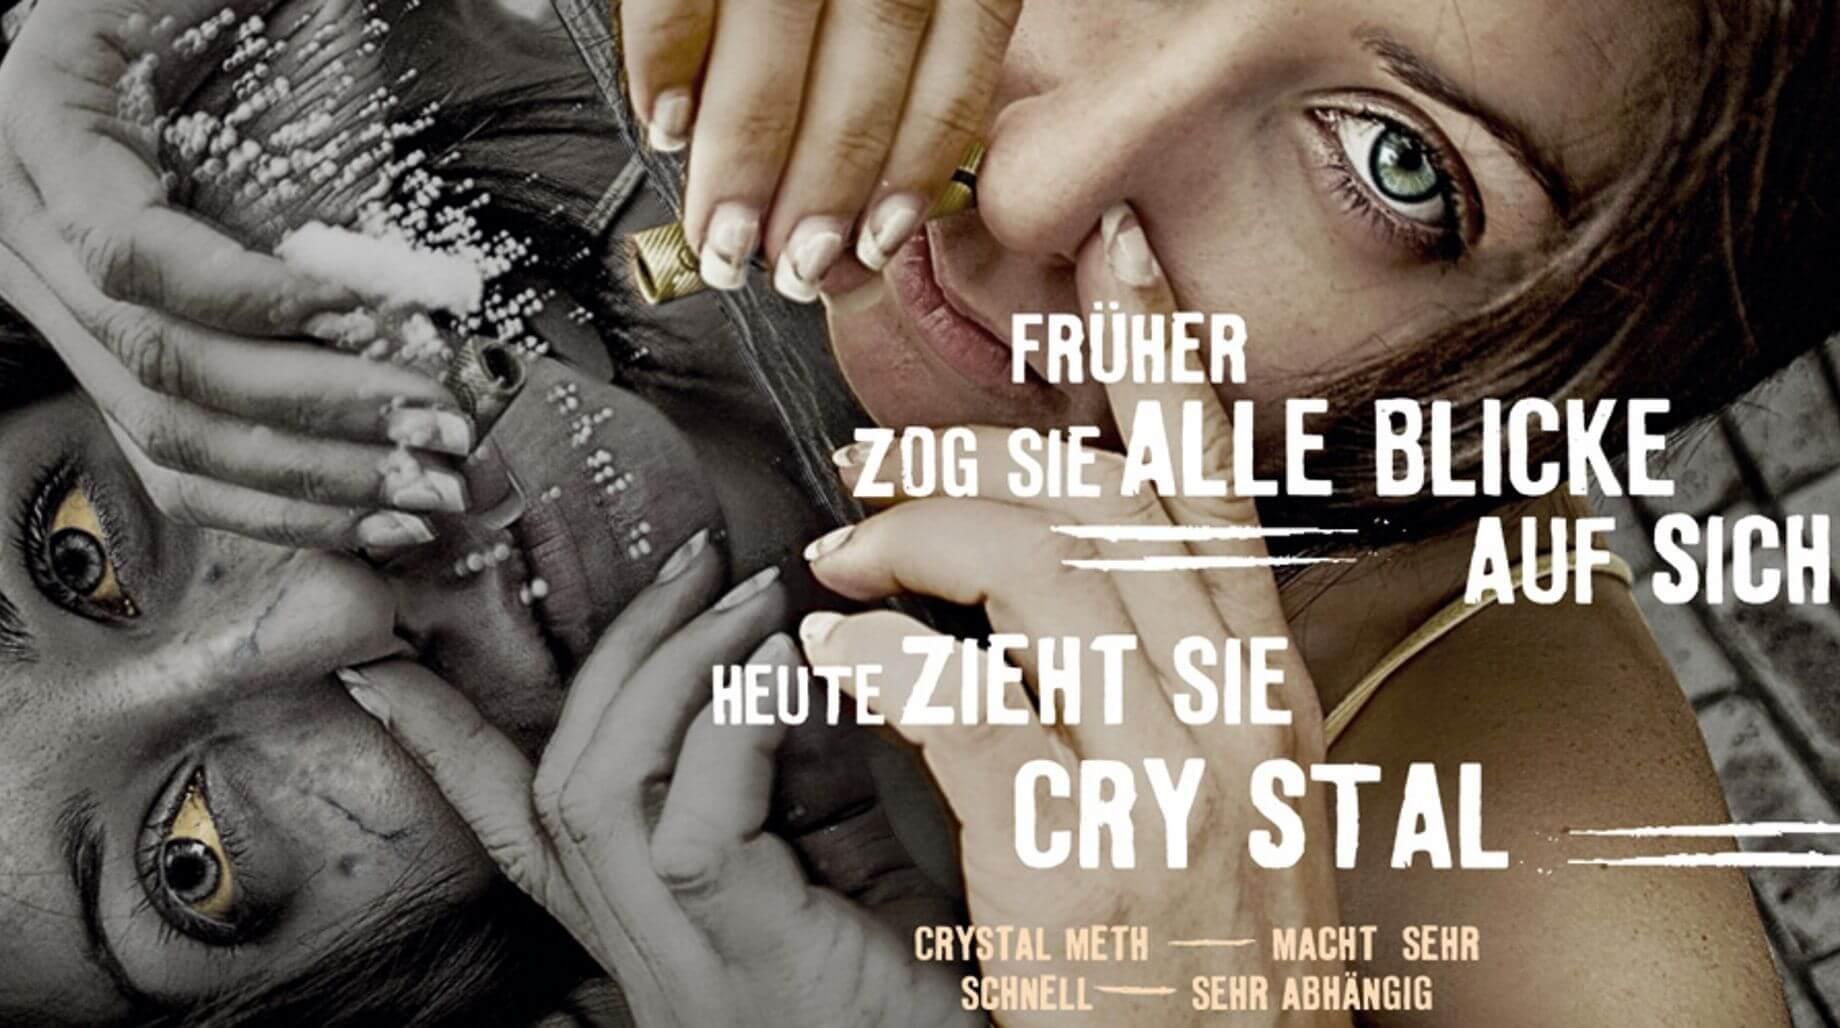 Mädchen zieht Crystal Meth- Schriftzug: Früher zog sie alle Blicke auf sich. Heute zieht sie Crystal.